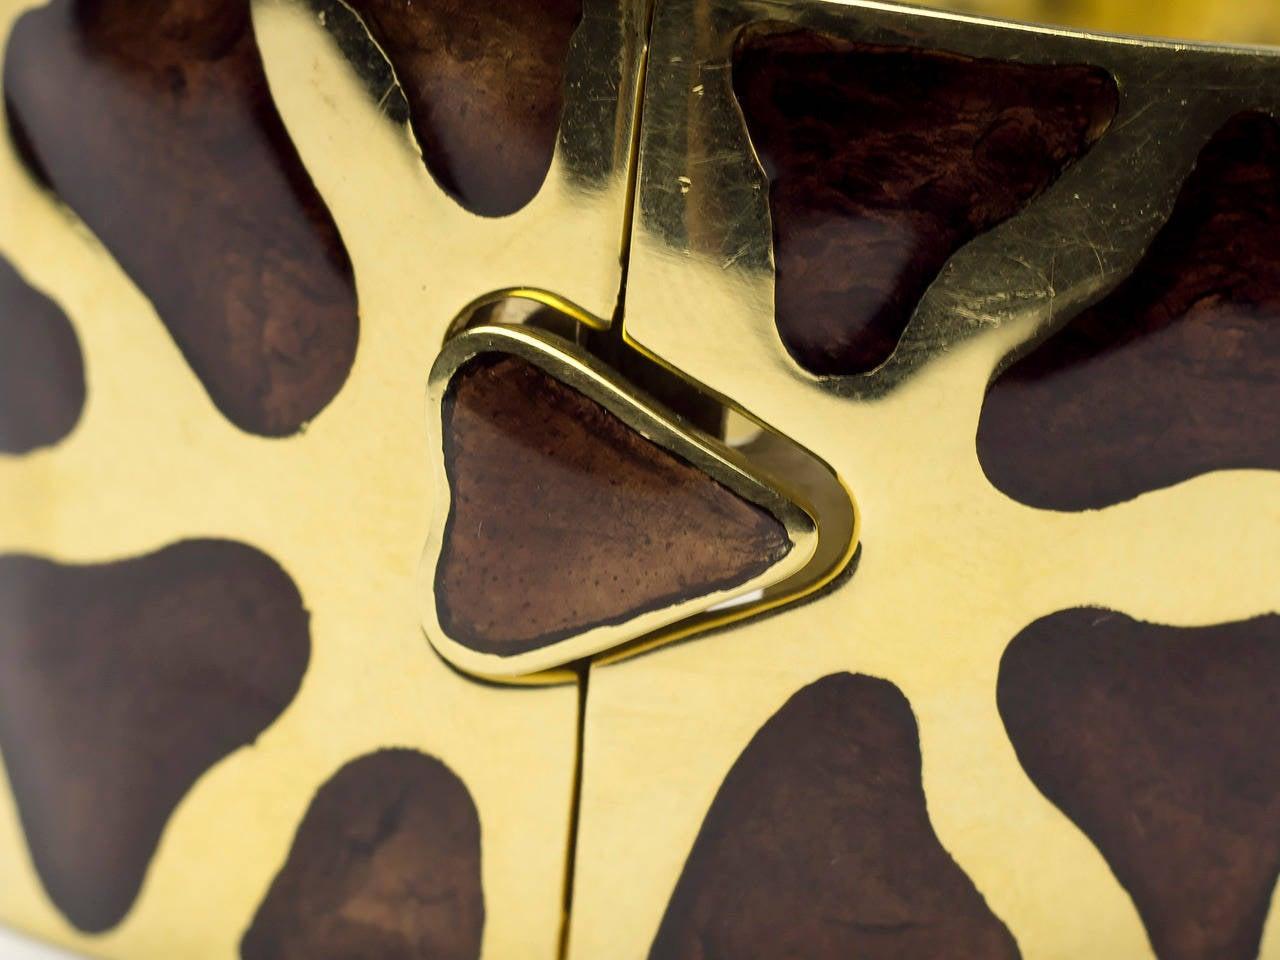 Roberto Coin Enamel Gold Giraffe Motif Bracelet And Earrings Set 3